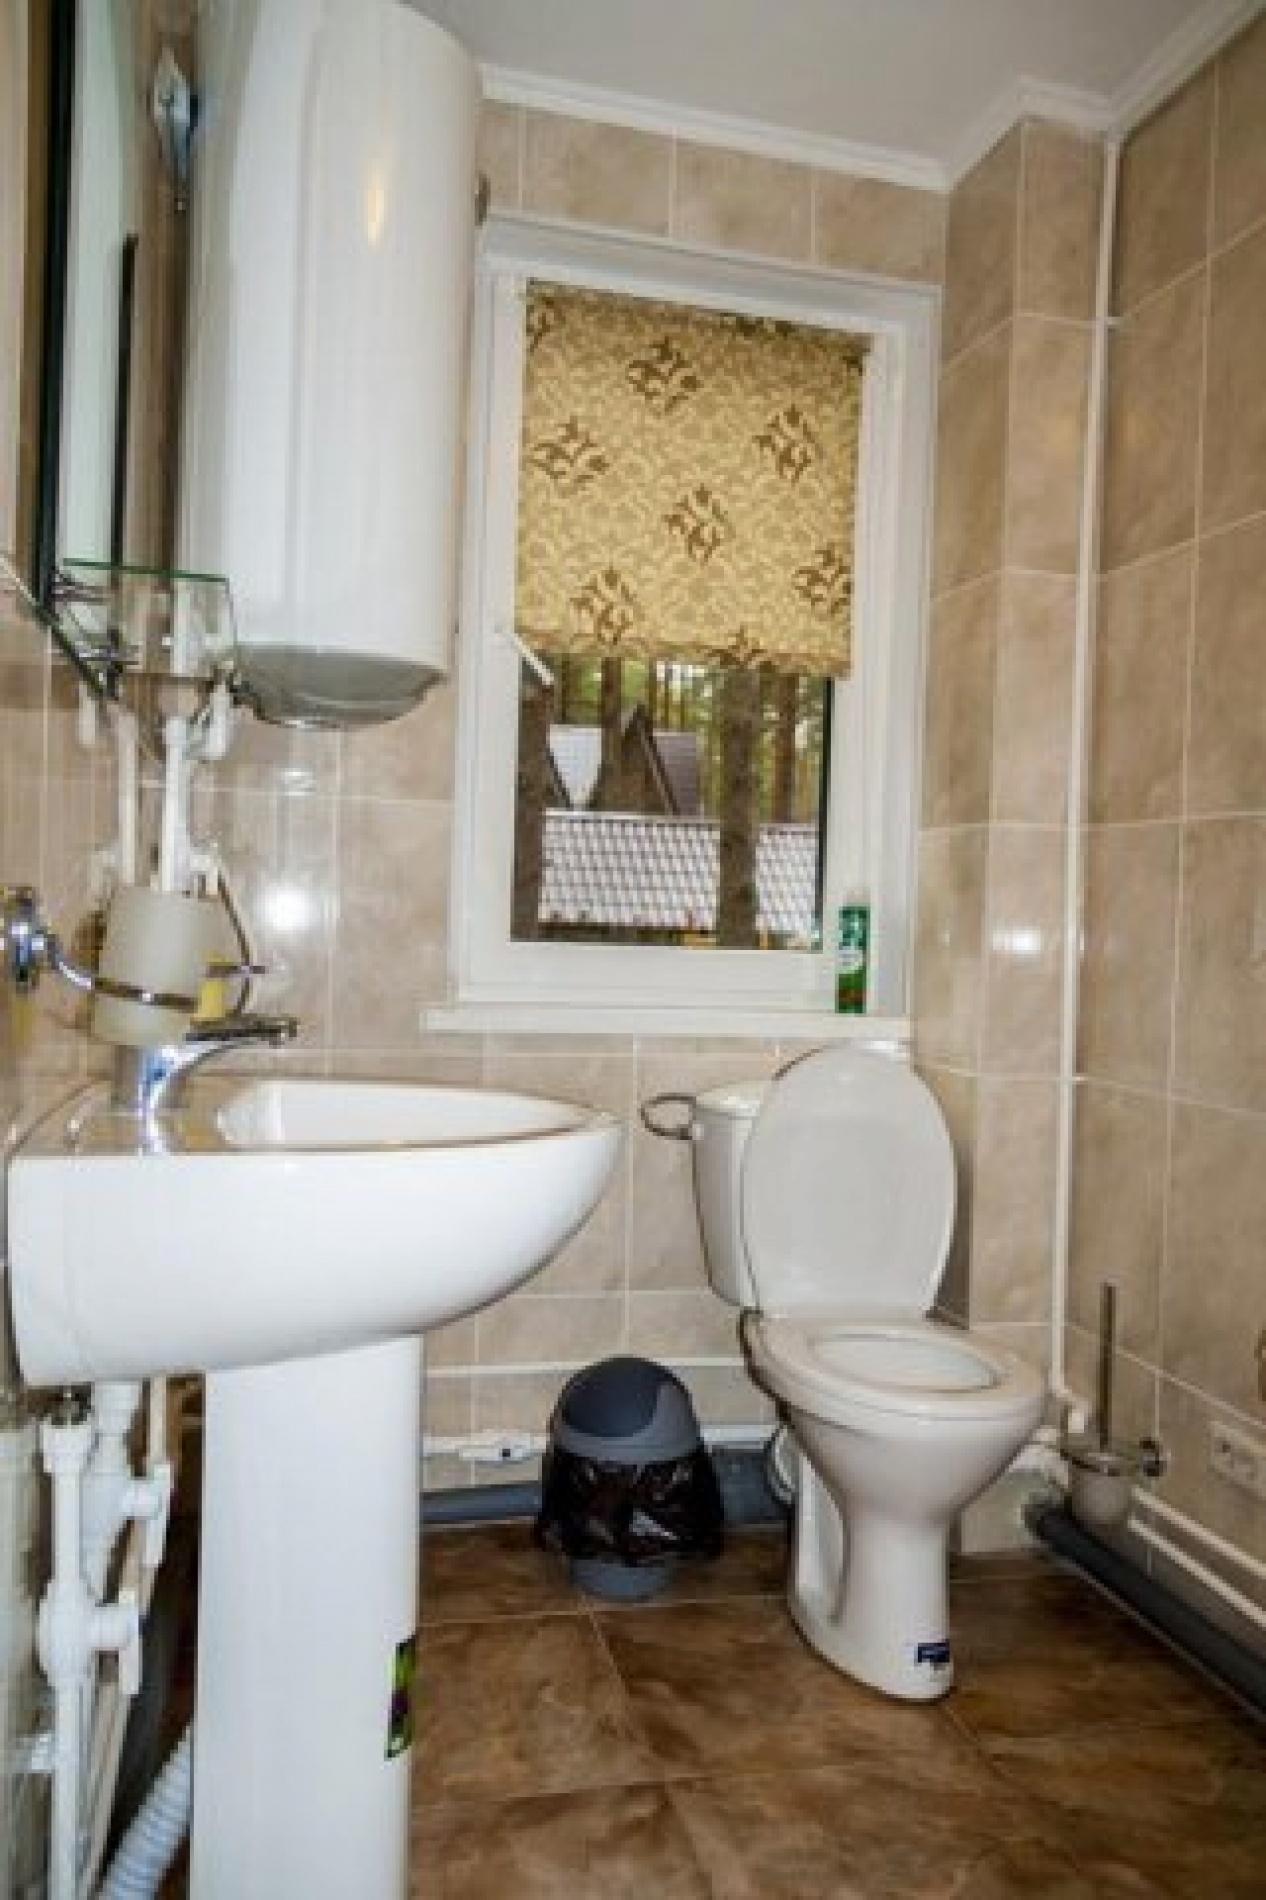 База отдыха «Стёпаново» Вологодская область 3-местный номер в Доме № 3, фото 7